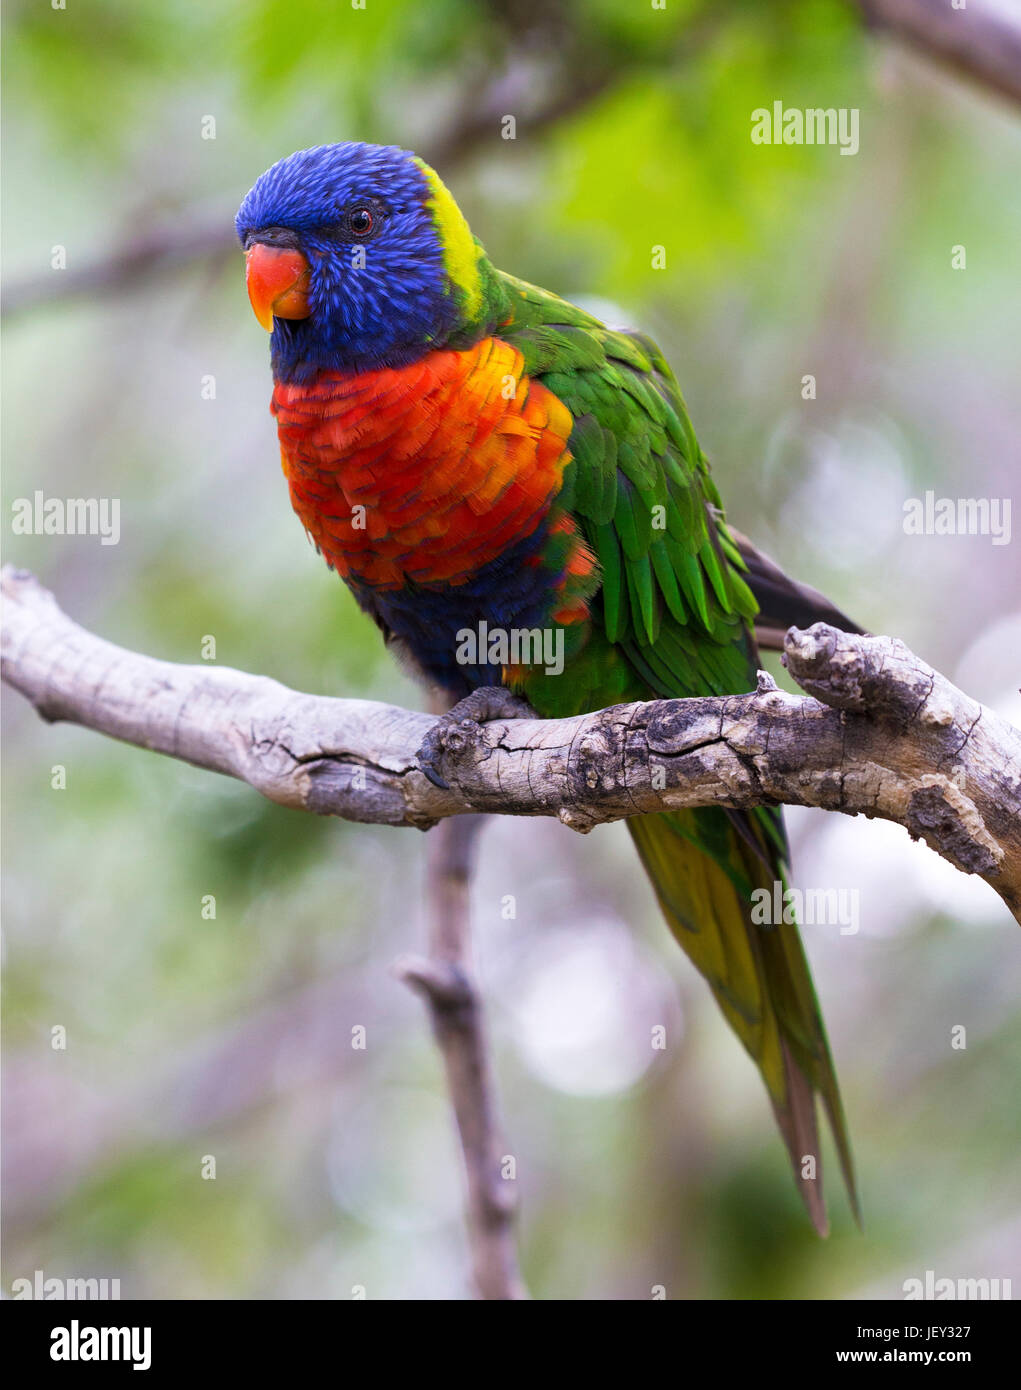 Porträt von Parrot - Allfarblori Stockfoto